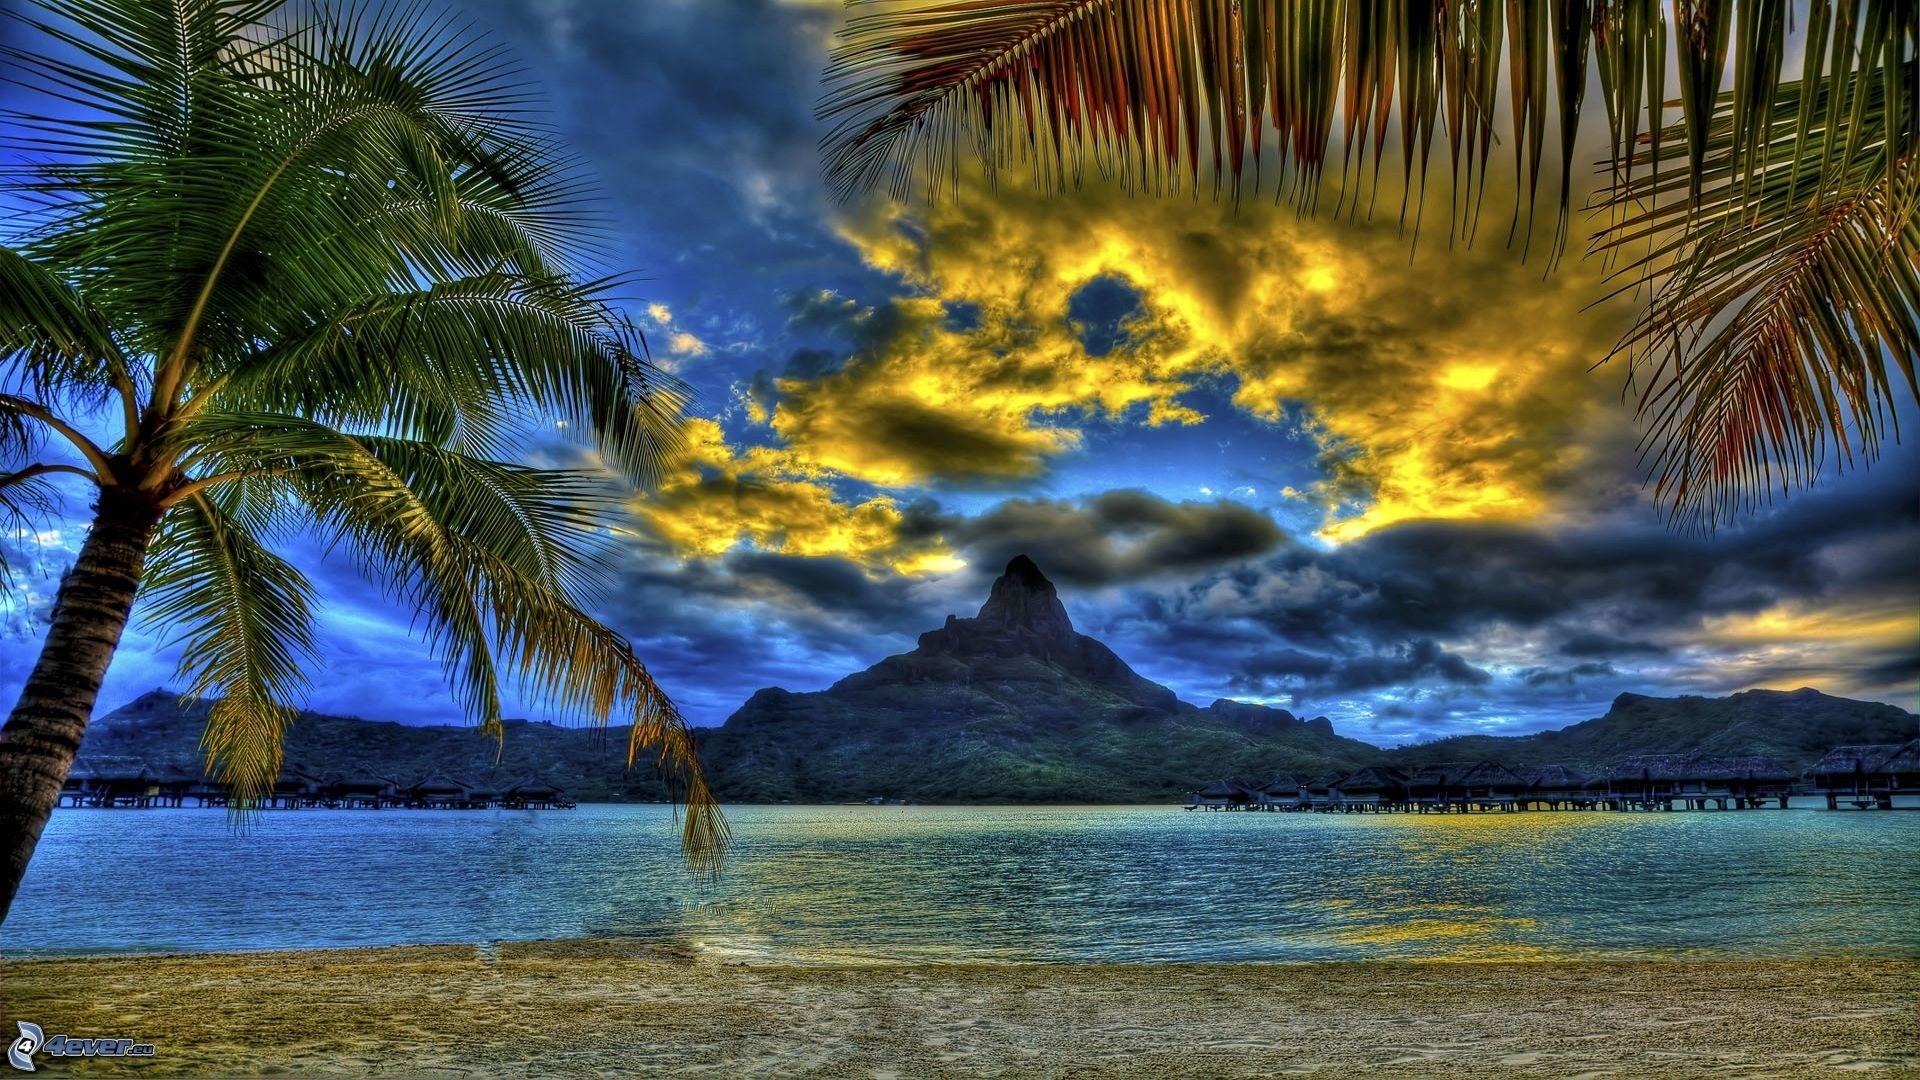 Sfondi Bora Bora (62+ immagini)